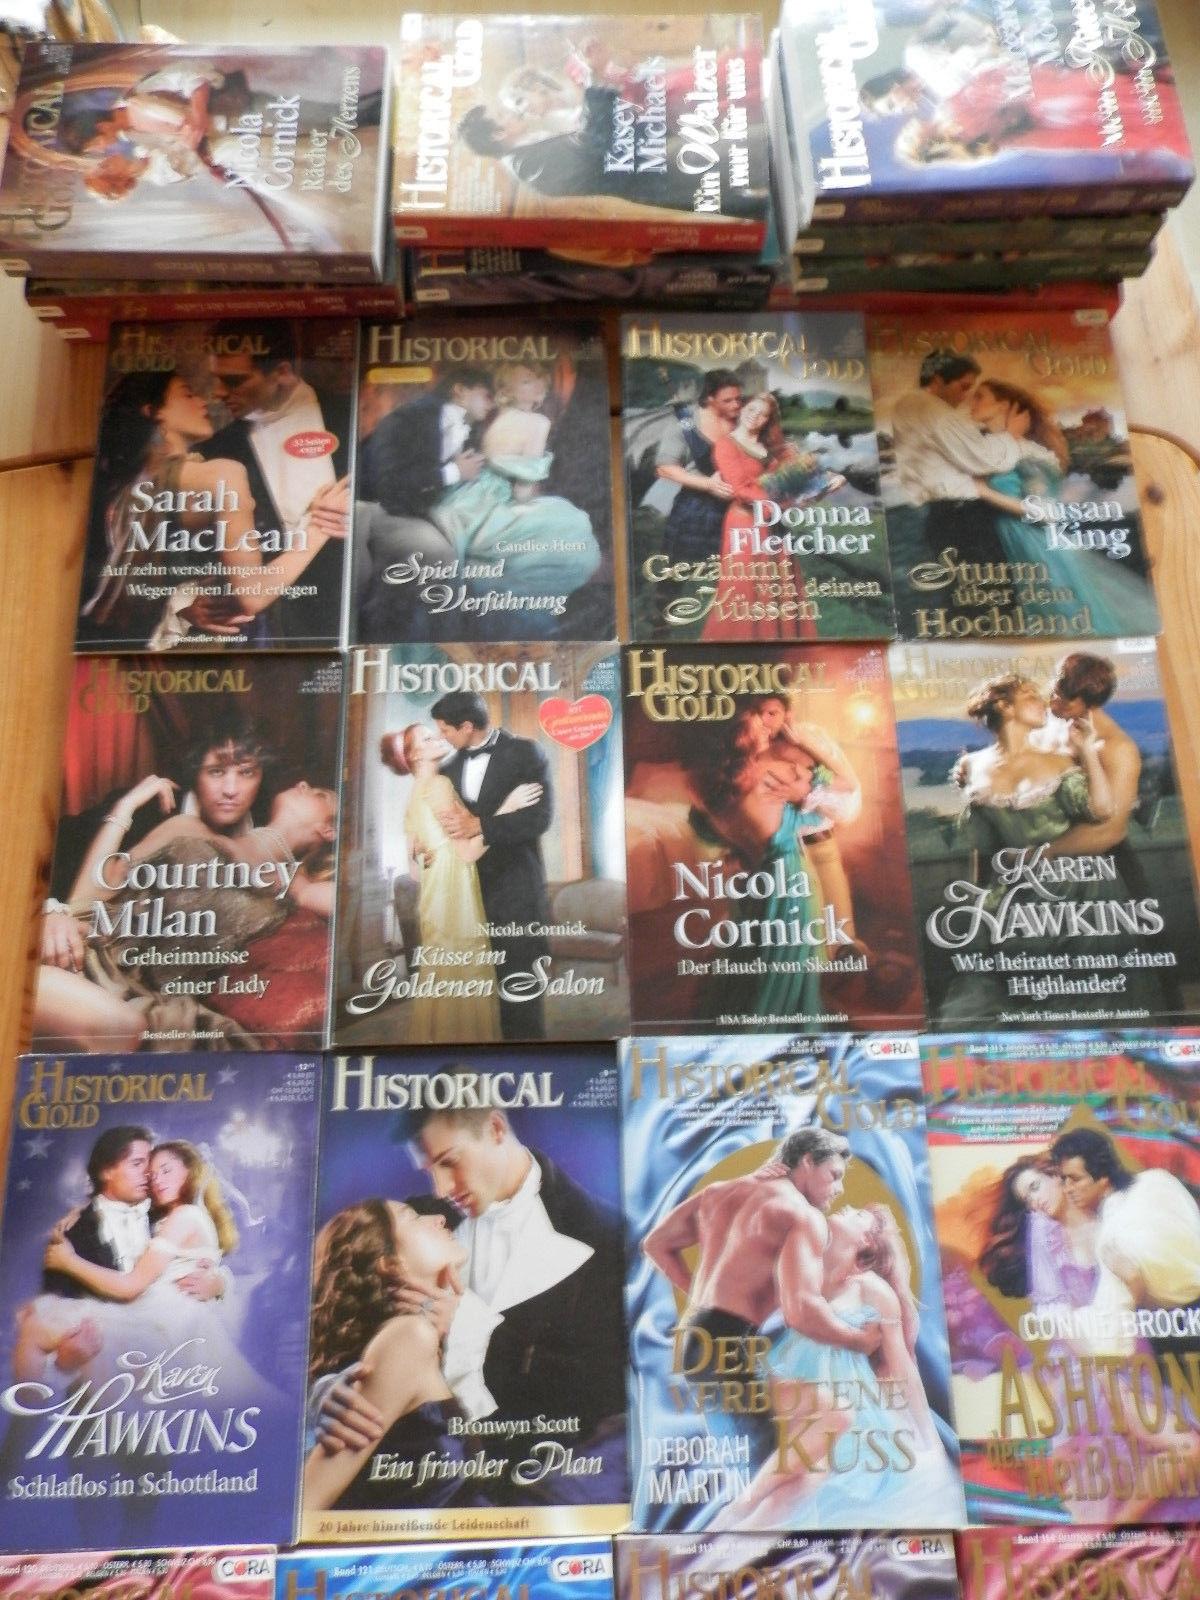 Bücherpaket mit 34 Historischen Liebesromanen z.B. Historical, Historical Gold